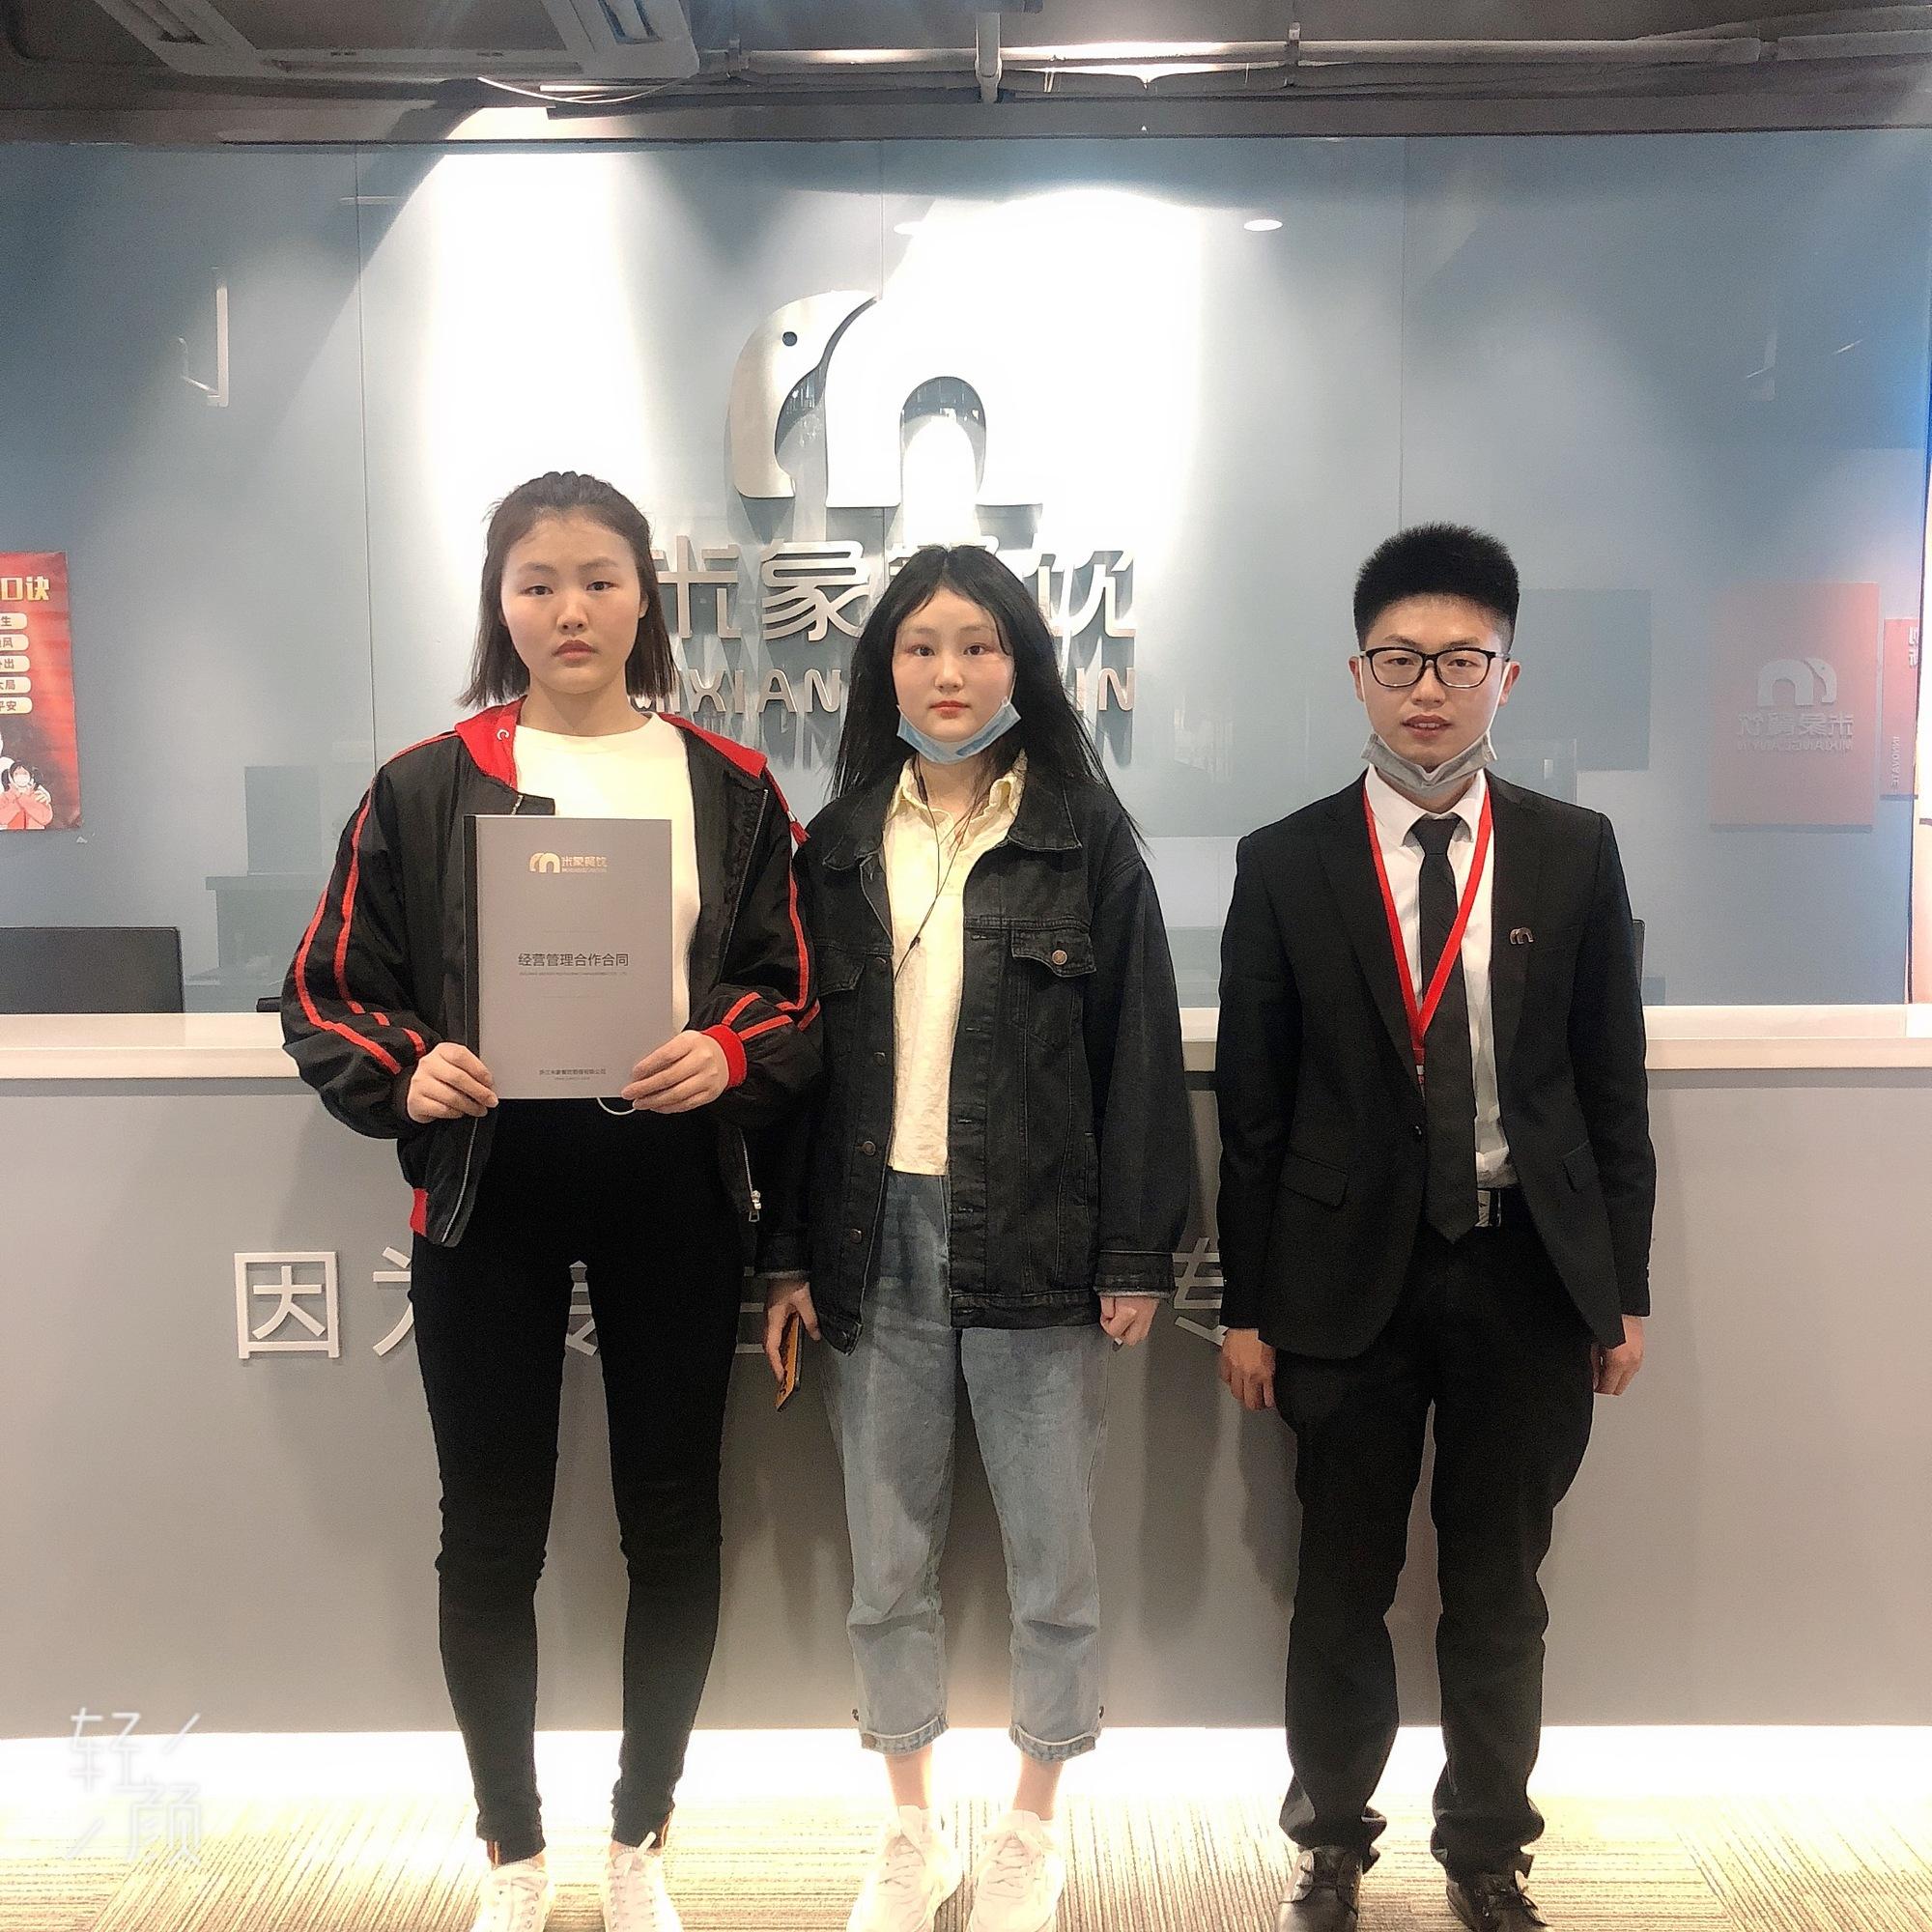 恭喜李小姐两姐妹成功签约耍饼台州三门代理.jpg